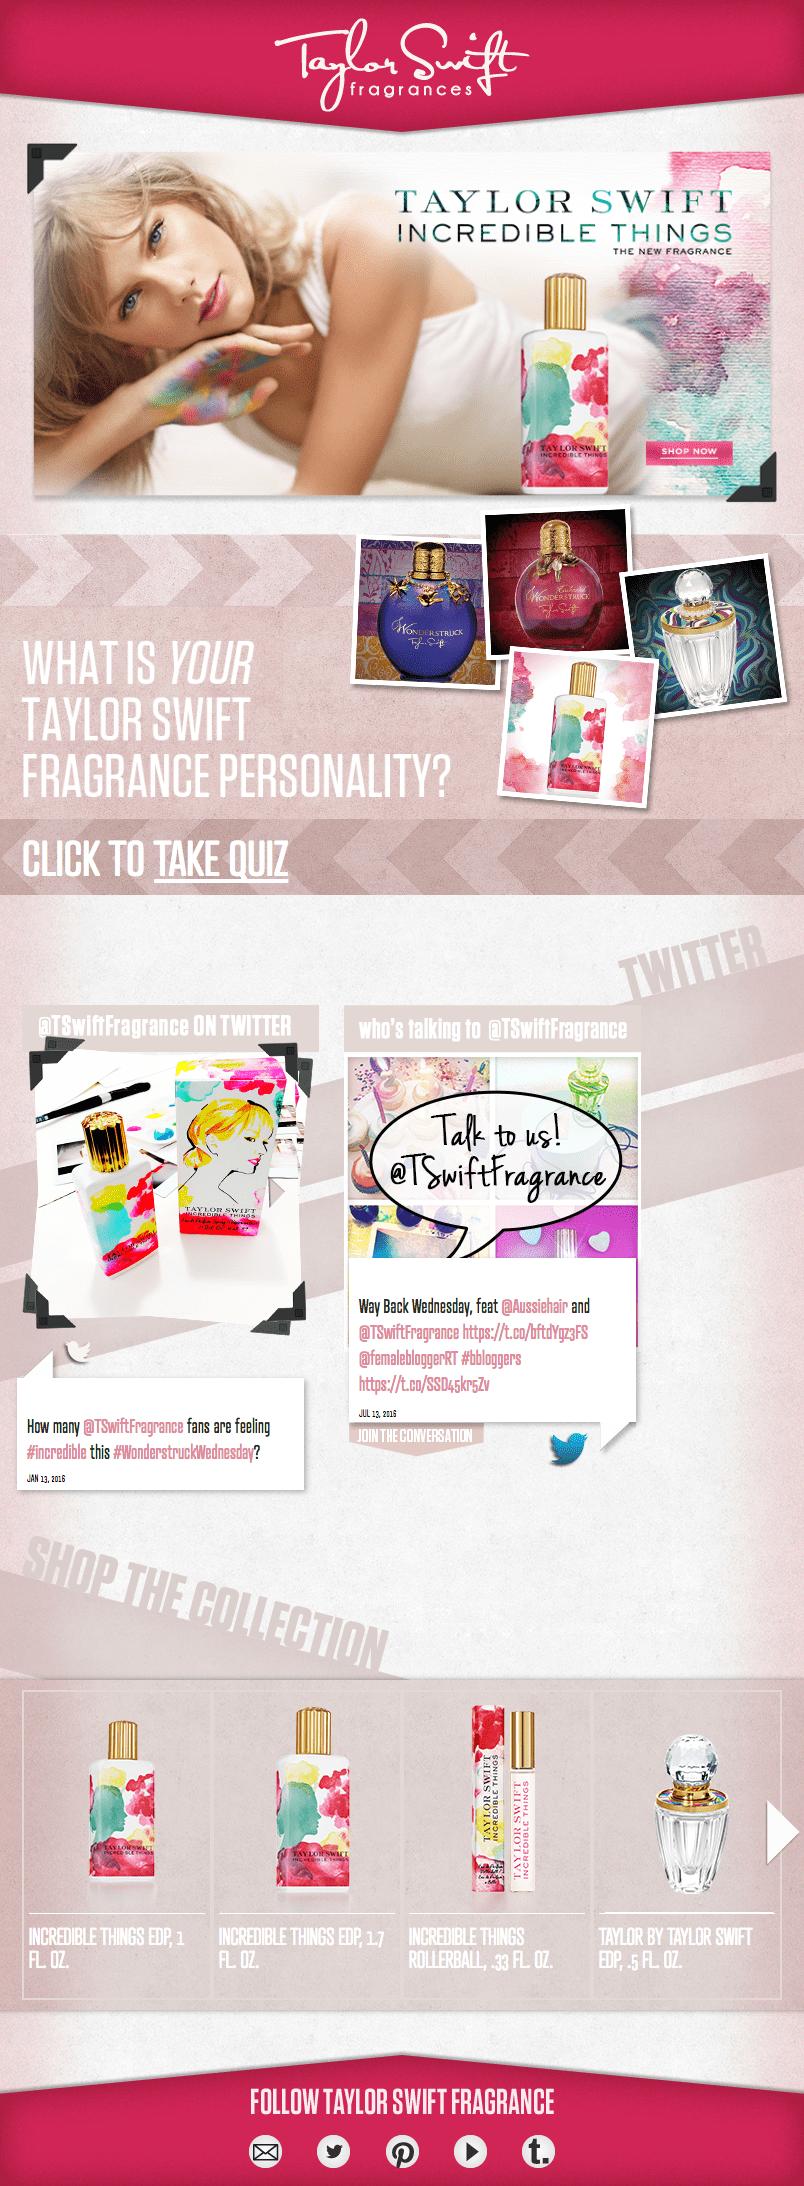 taylor-swift-facebook-app